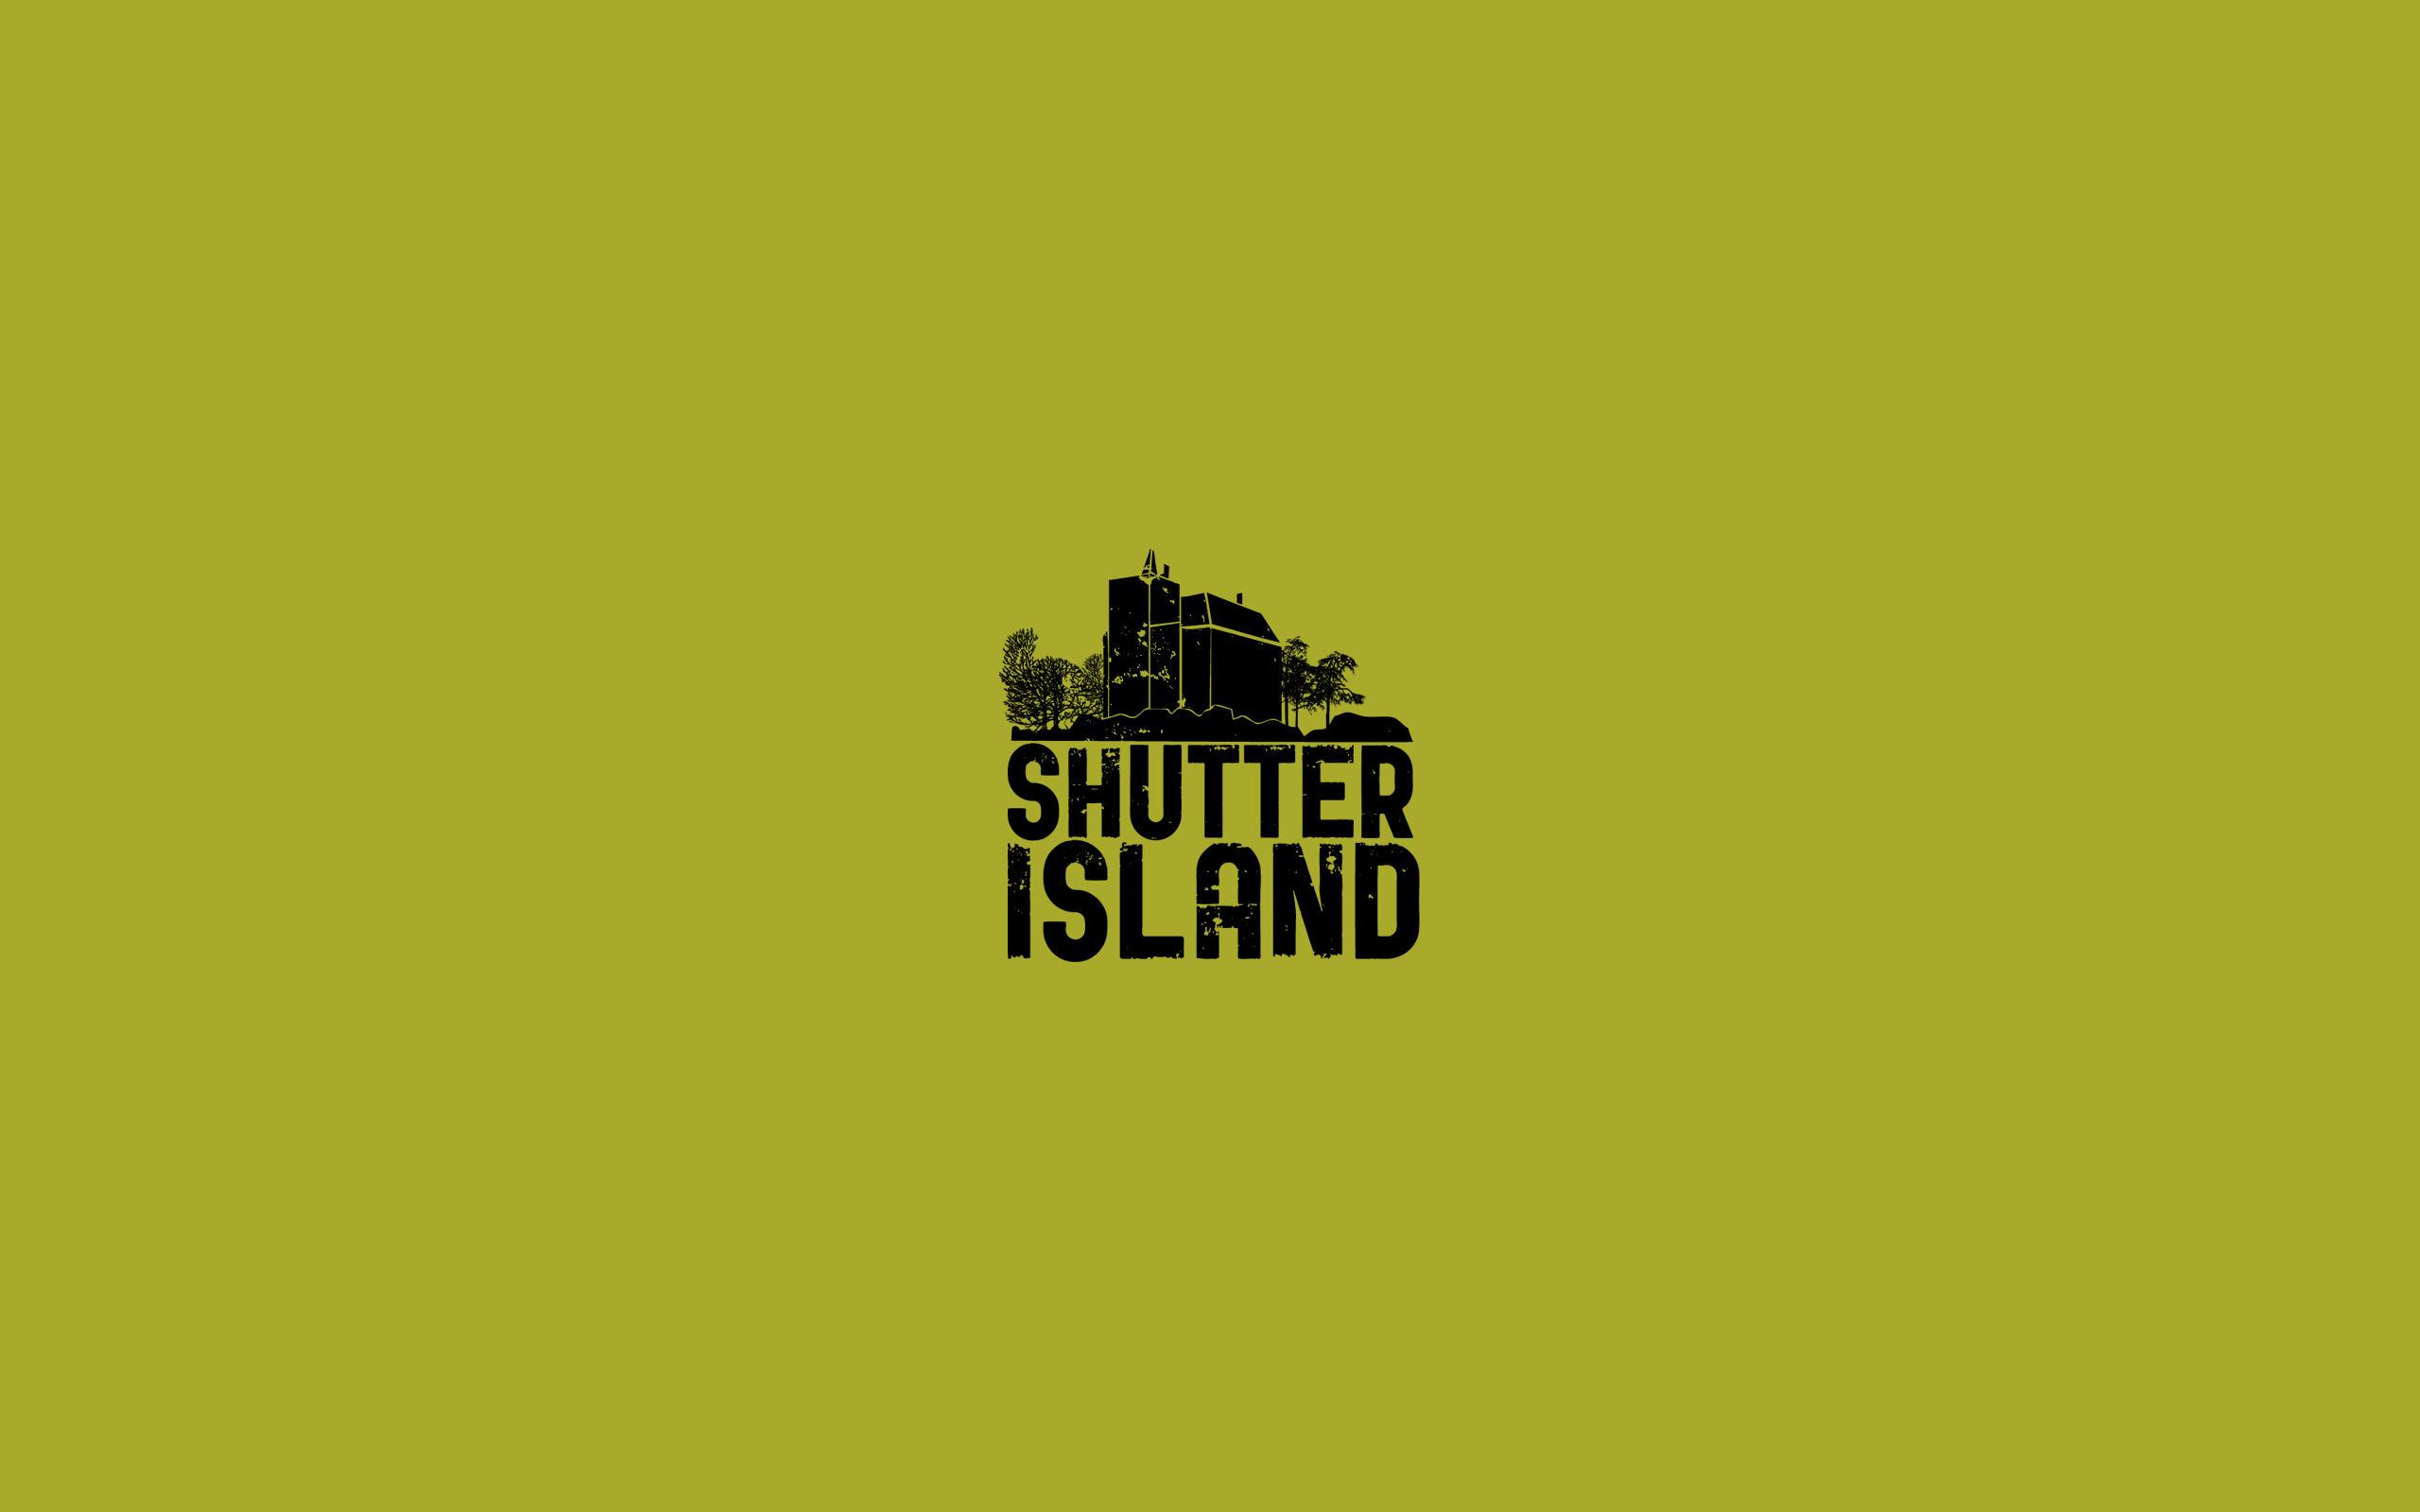 Shutter Island Poster Art